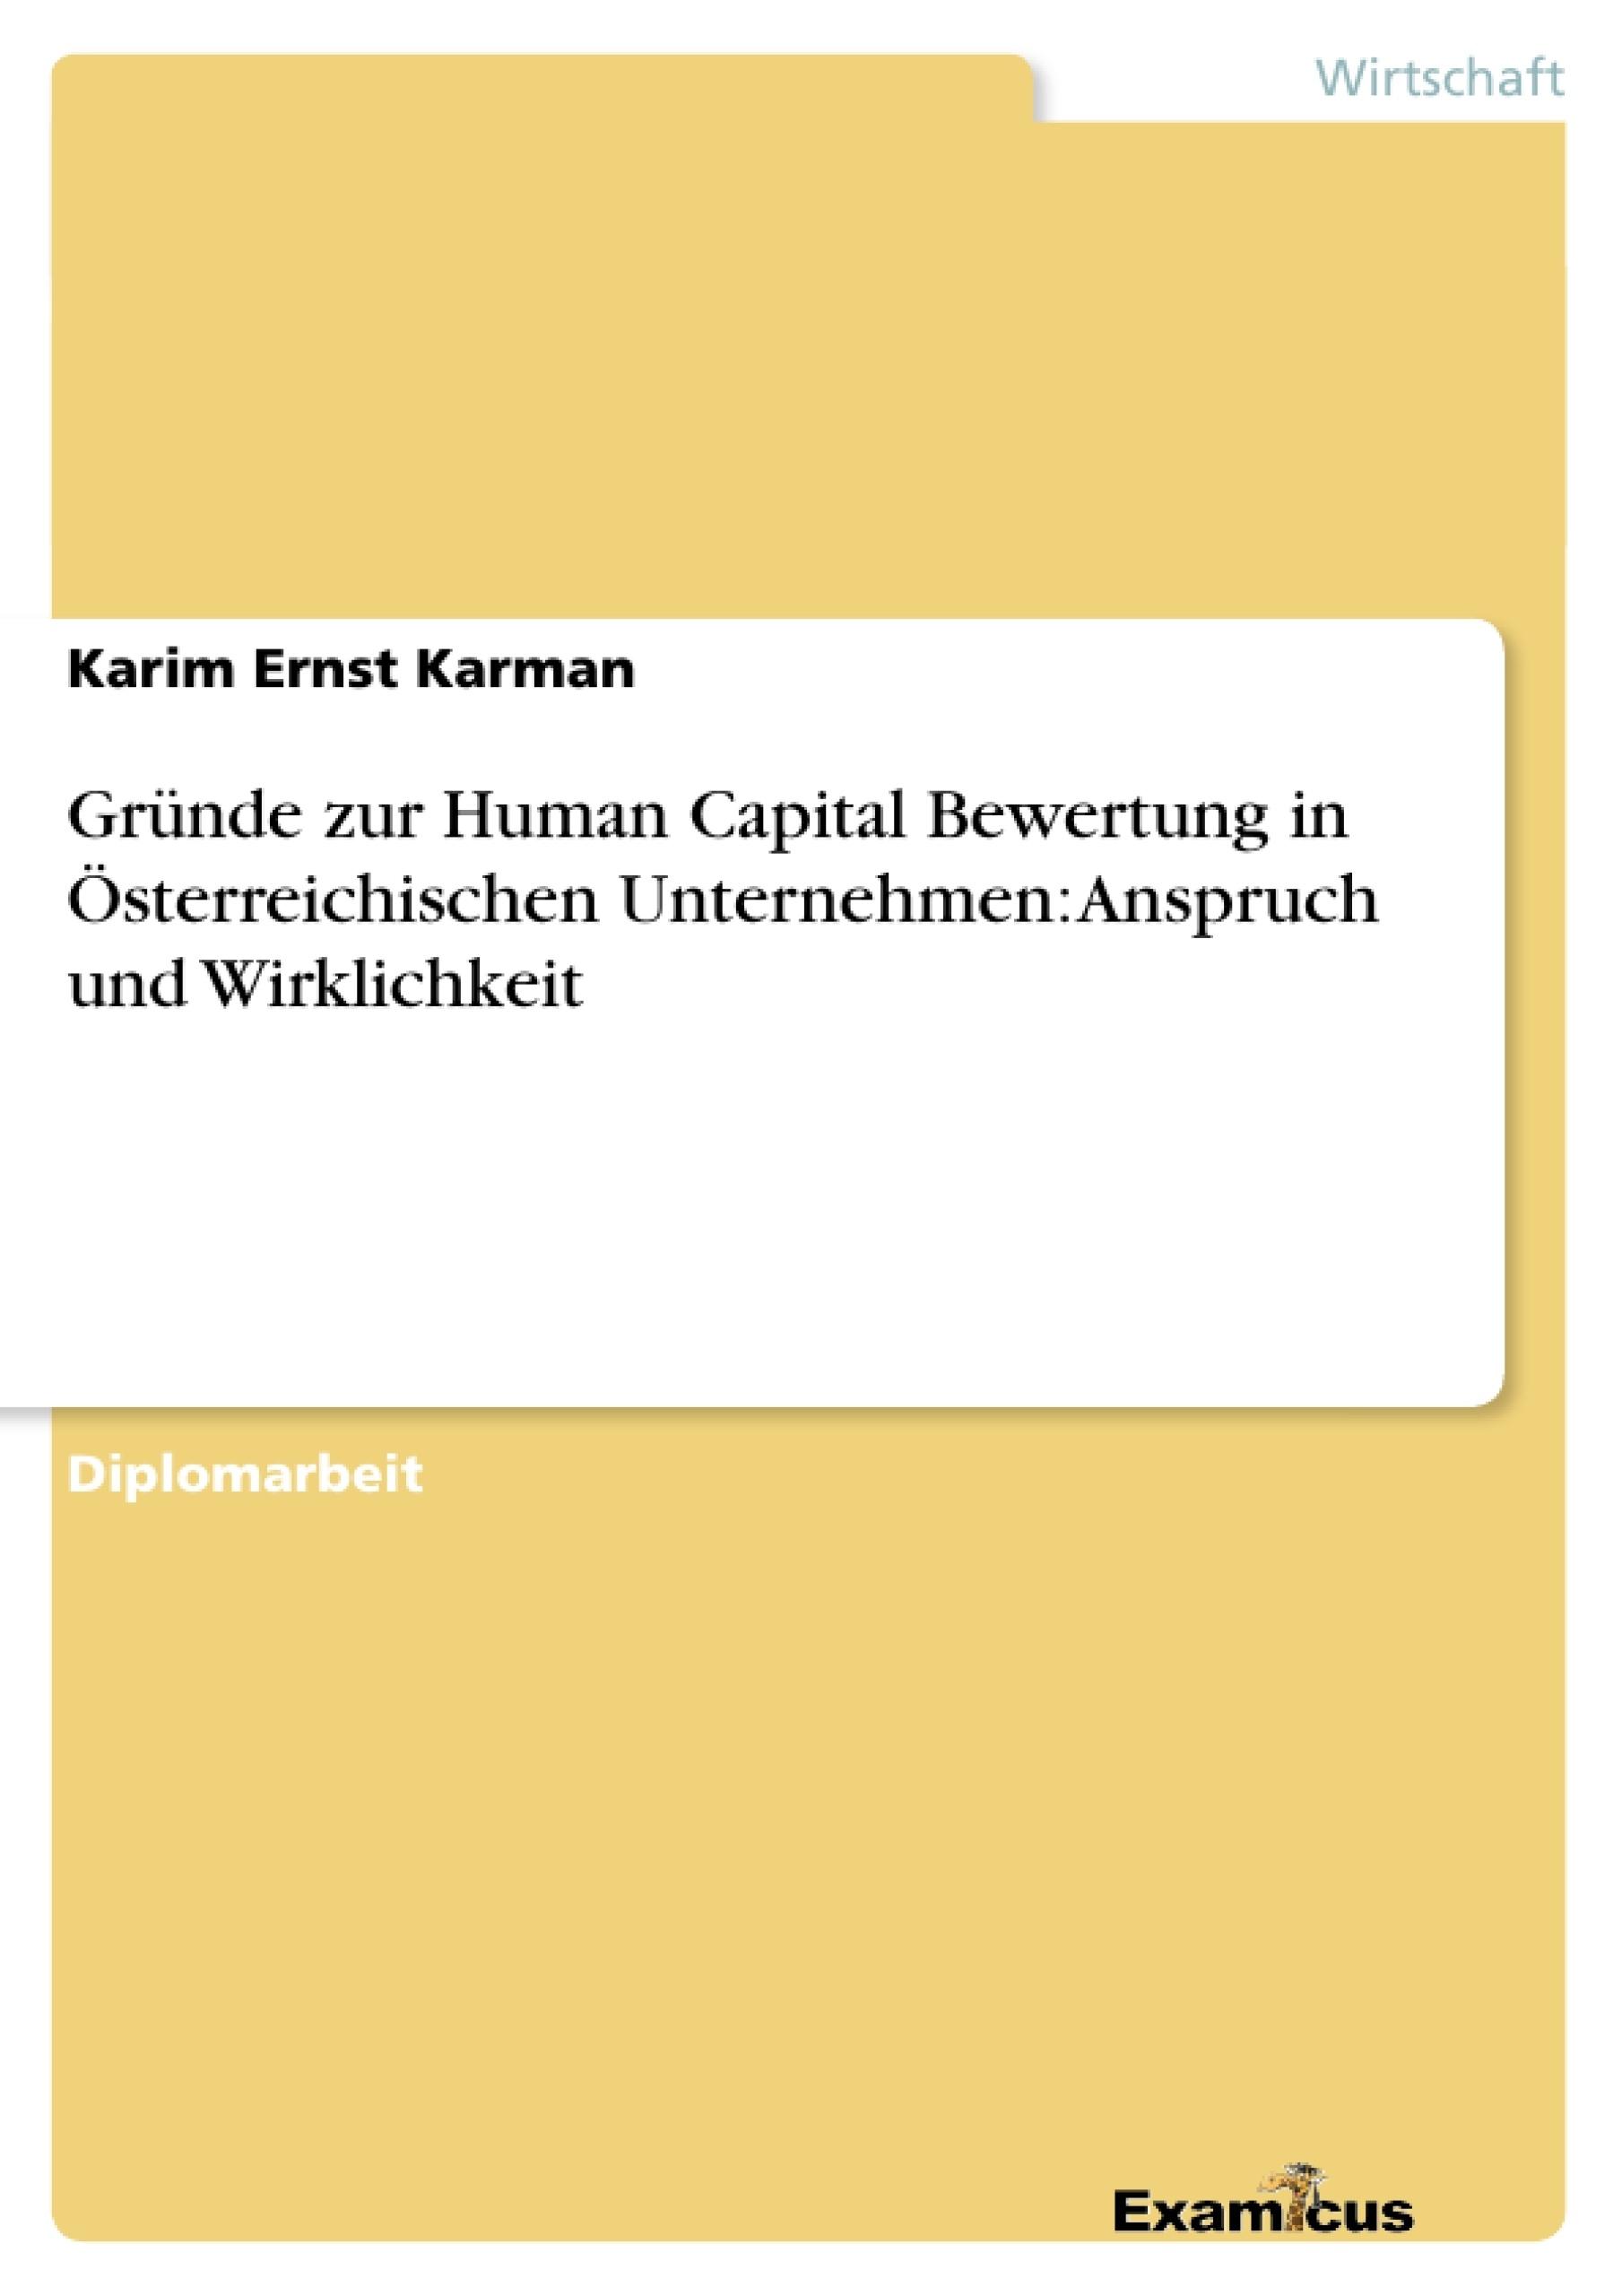 Titel: Gründe zur Human Capital Bewertung in Österreichischen Unternehmen: Anspruch und Wirklichkeit